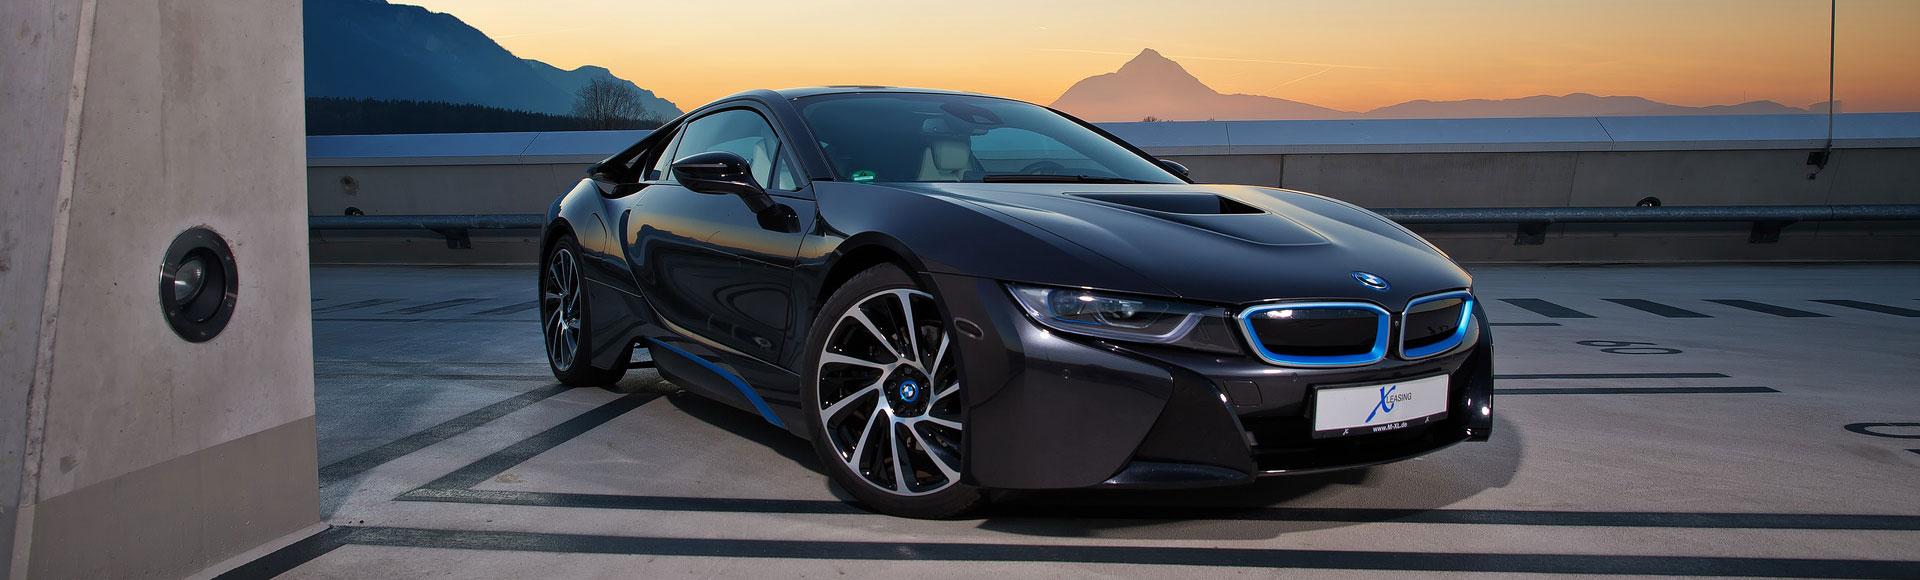 BMW i8 2015 1524